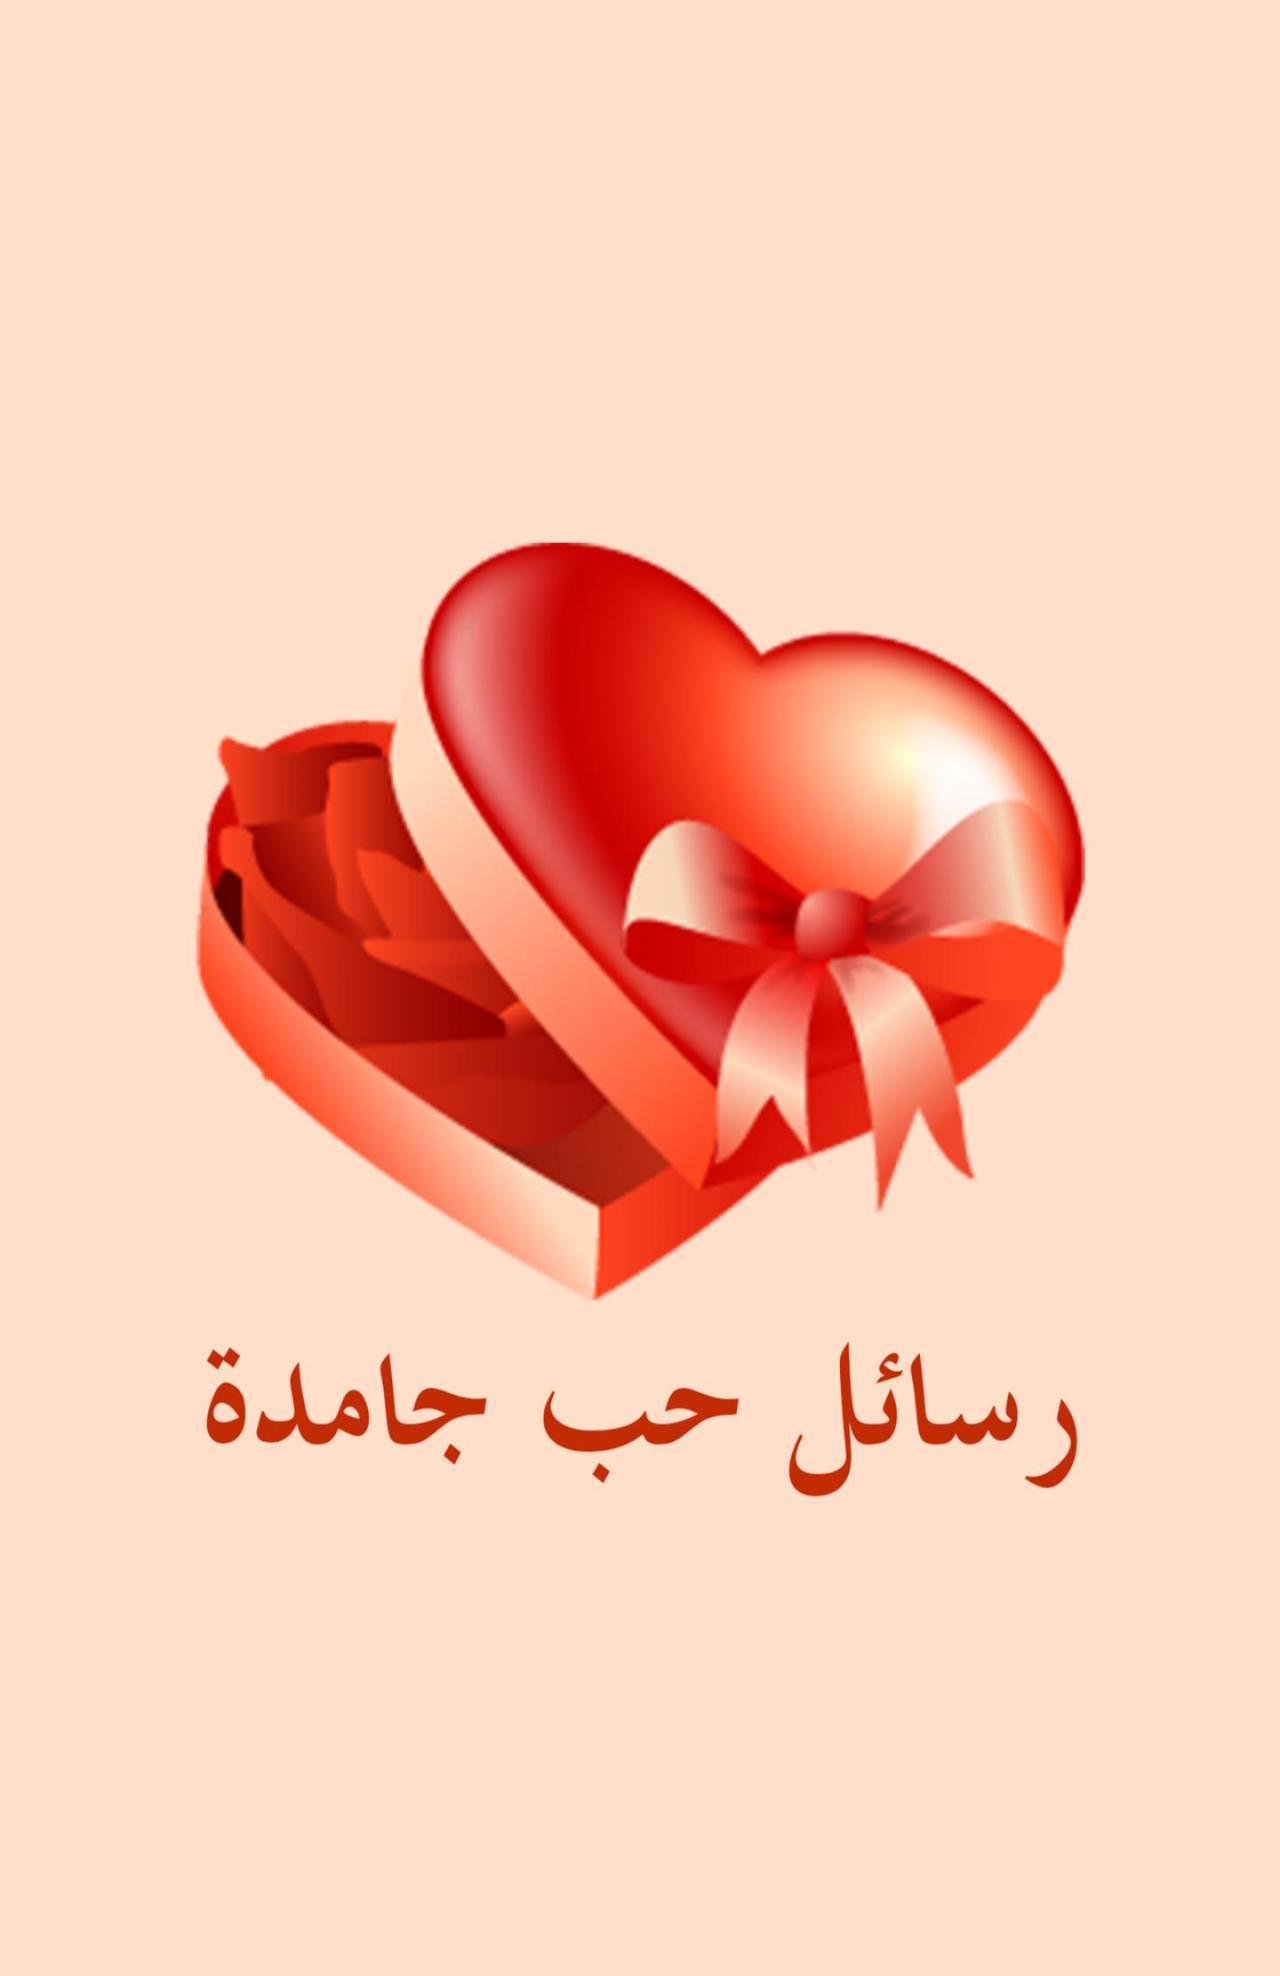 صورة مسجات غزل وحب , اليك افضل العبارات و الكلمات الرومانسيه 8414 7